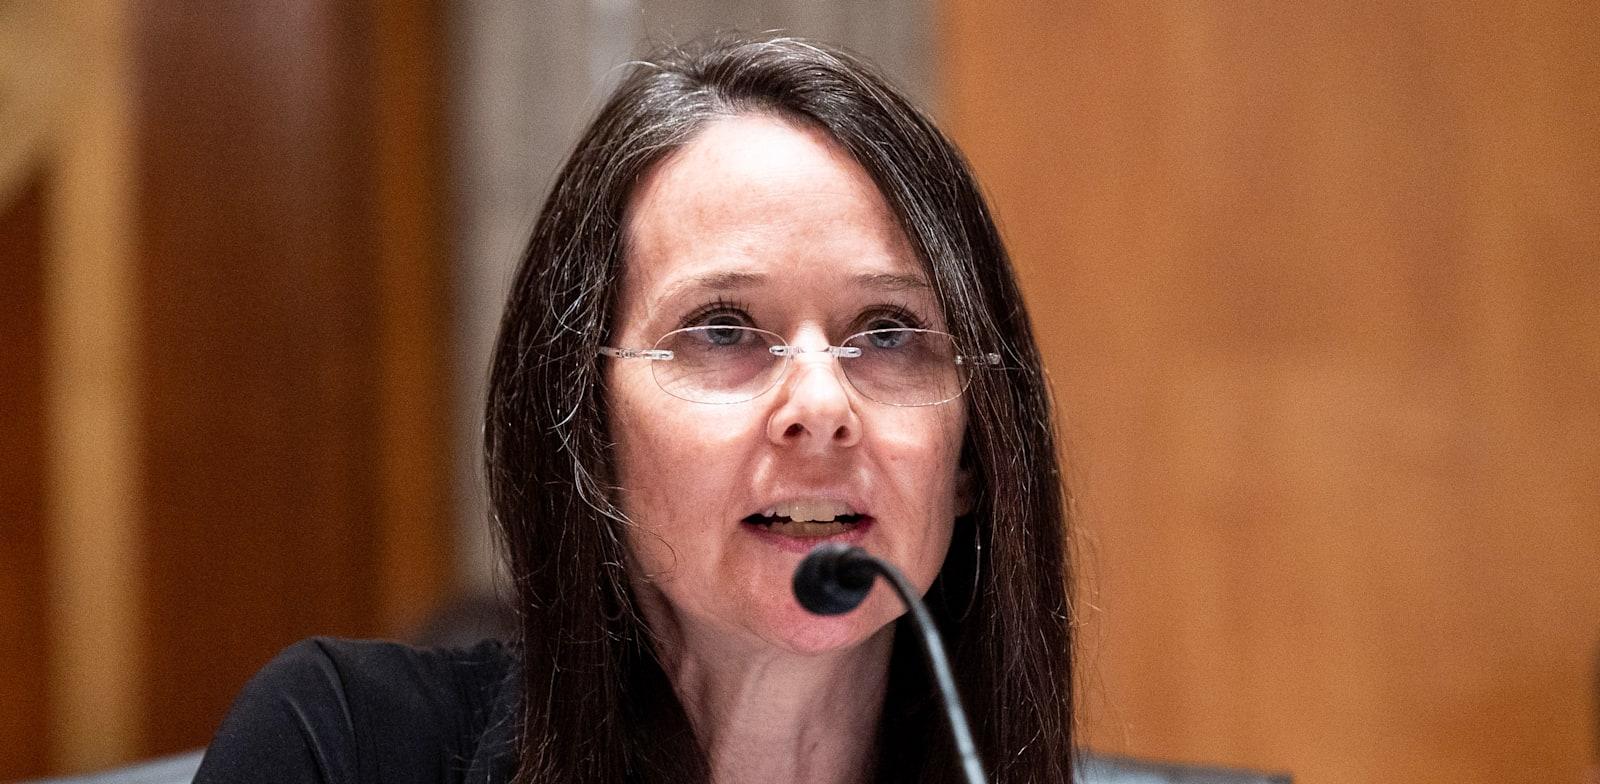 ג'ן איסטרלי, מנהלת הסוכנות להגנה על תשתיות והגנות סייבר / צילום: Reuters, Michael Brochstein/Sipa USA